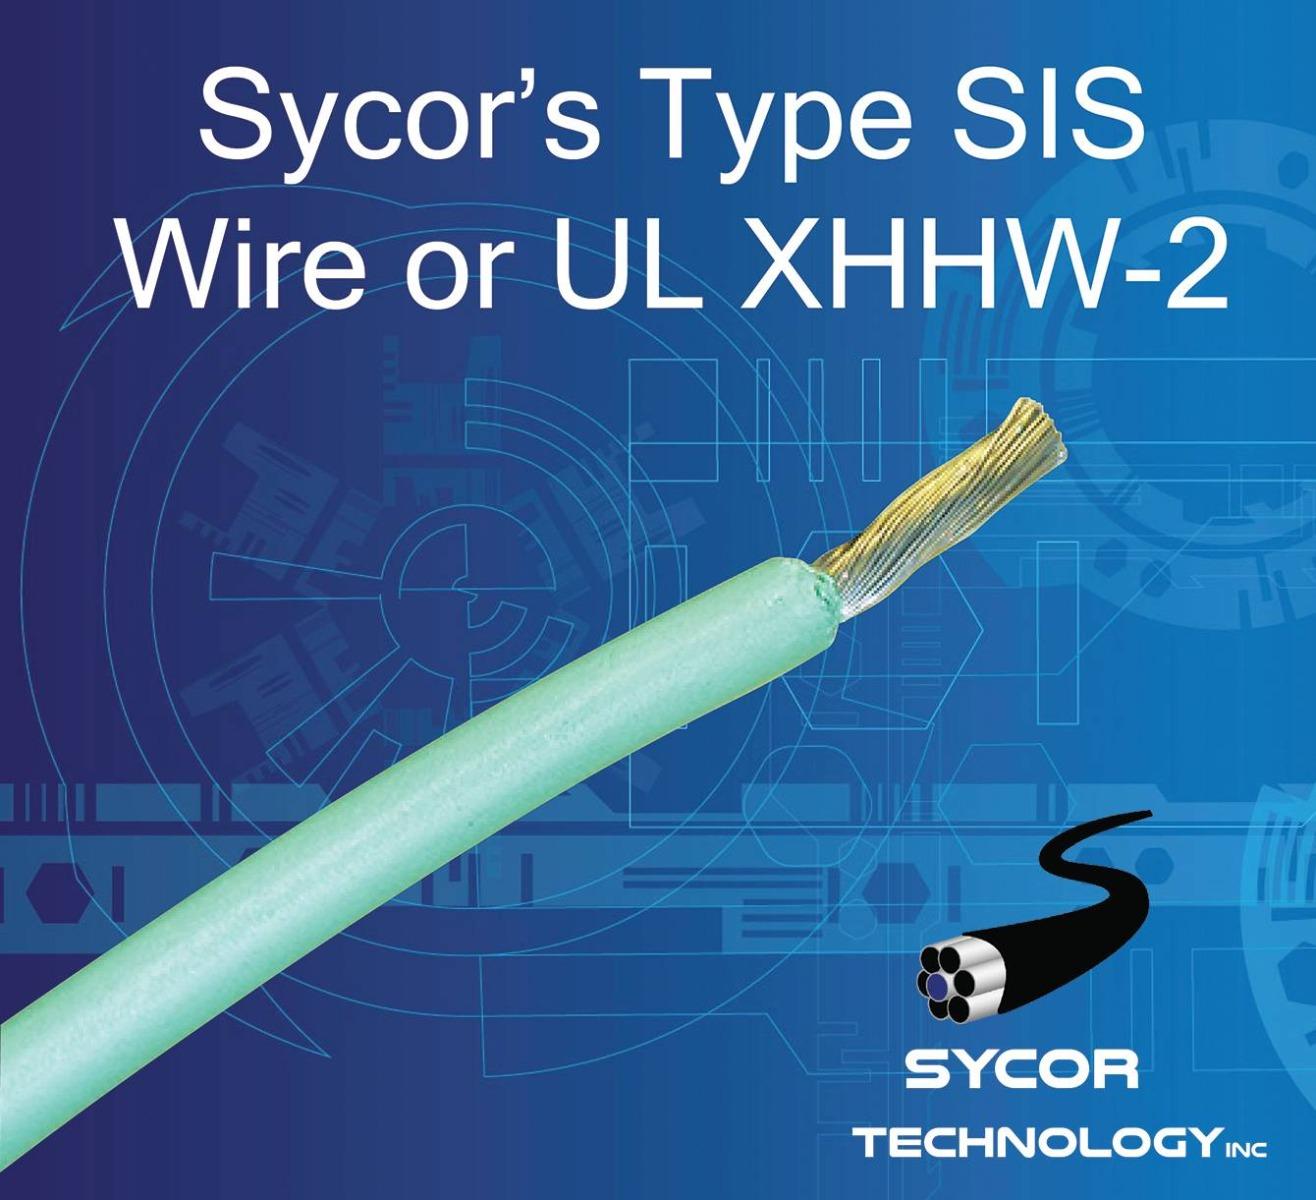 Type SIS Wire, UL XHHW-2